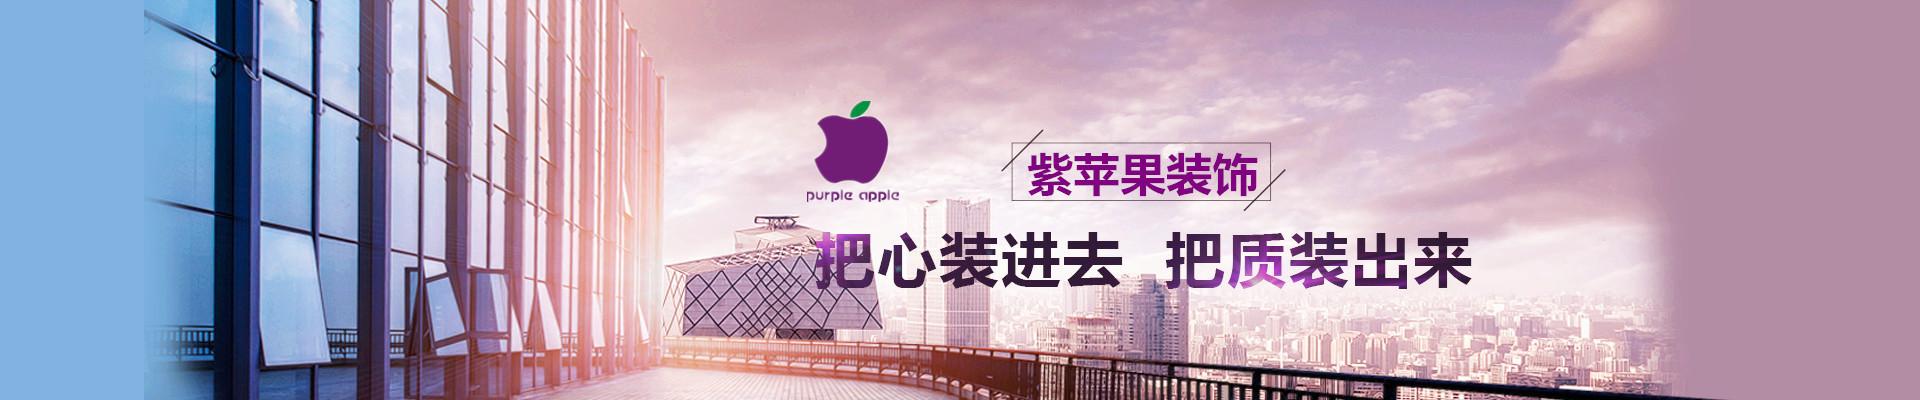 西安紫苹果装饰集团工程有限公司